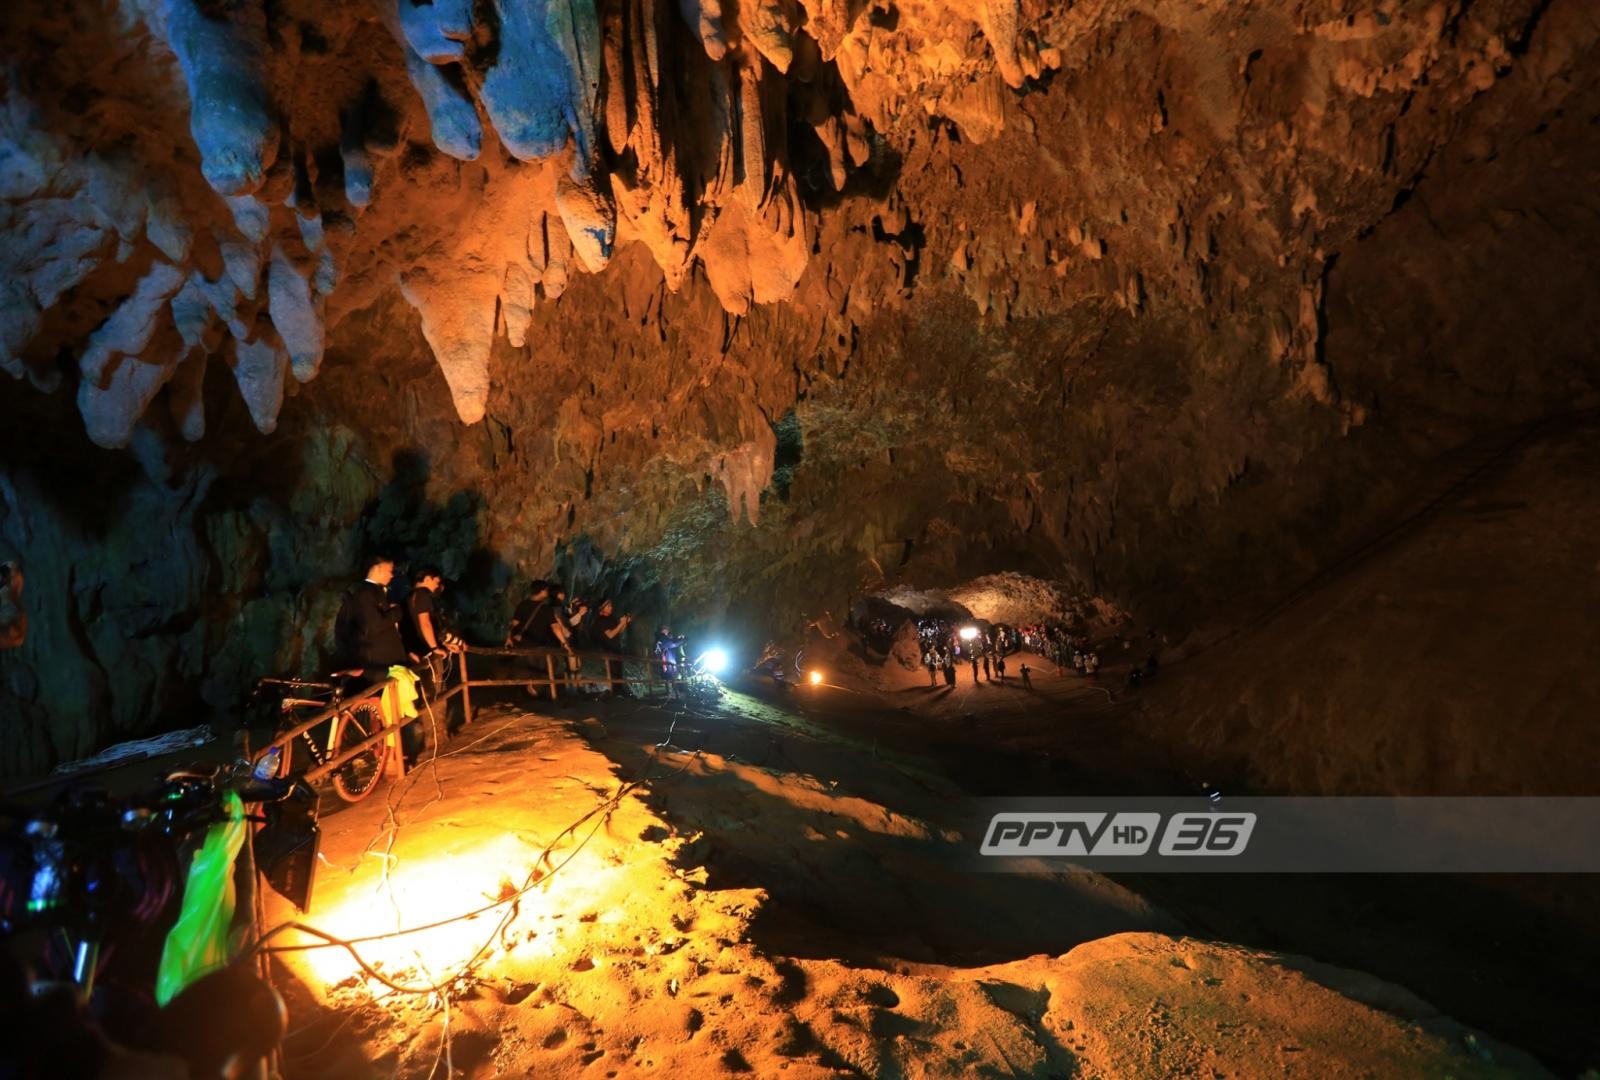 ปฏิบัติการค้นหา 13 ชีวิตติดถ้ำหลวง จ.เชียงราย วันที่ 4